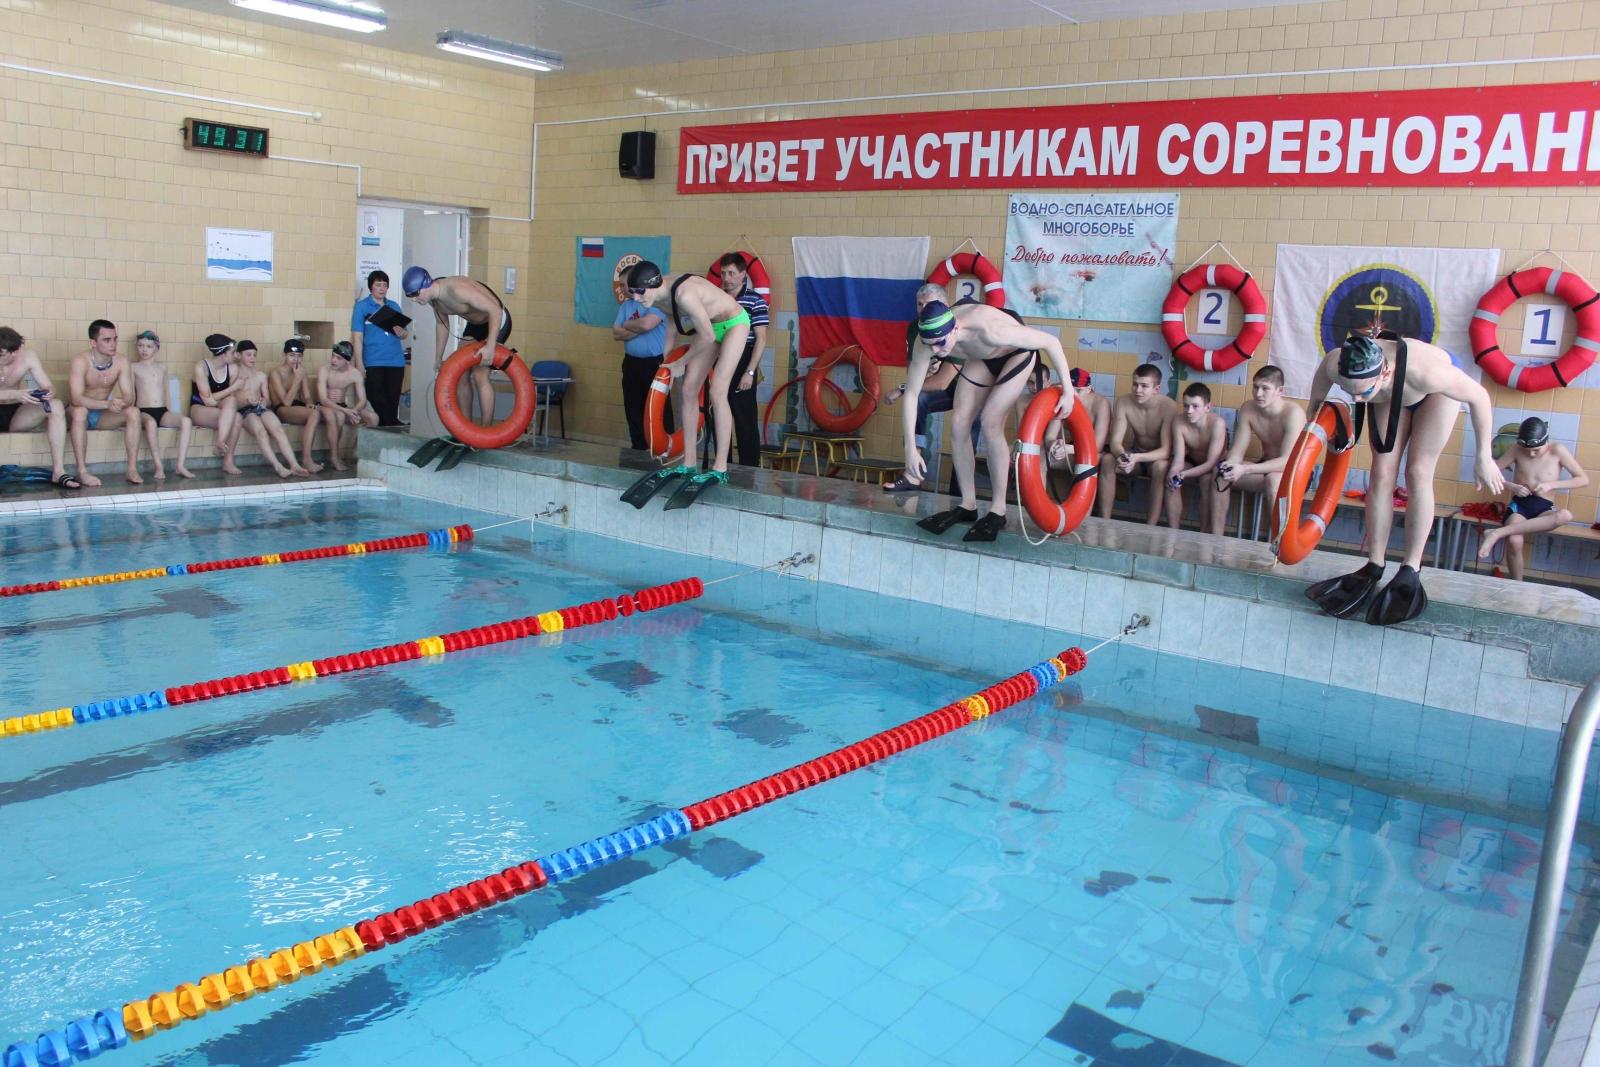 Городской спортивный праздник по водно-спасательному многоборью «Спасатель-2015» в Северске, 19 марта 2015 года